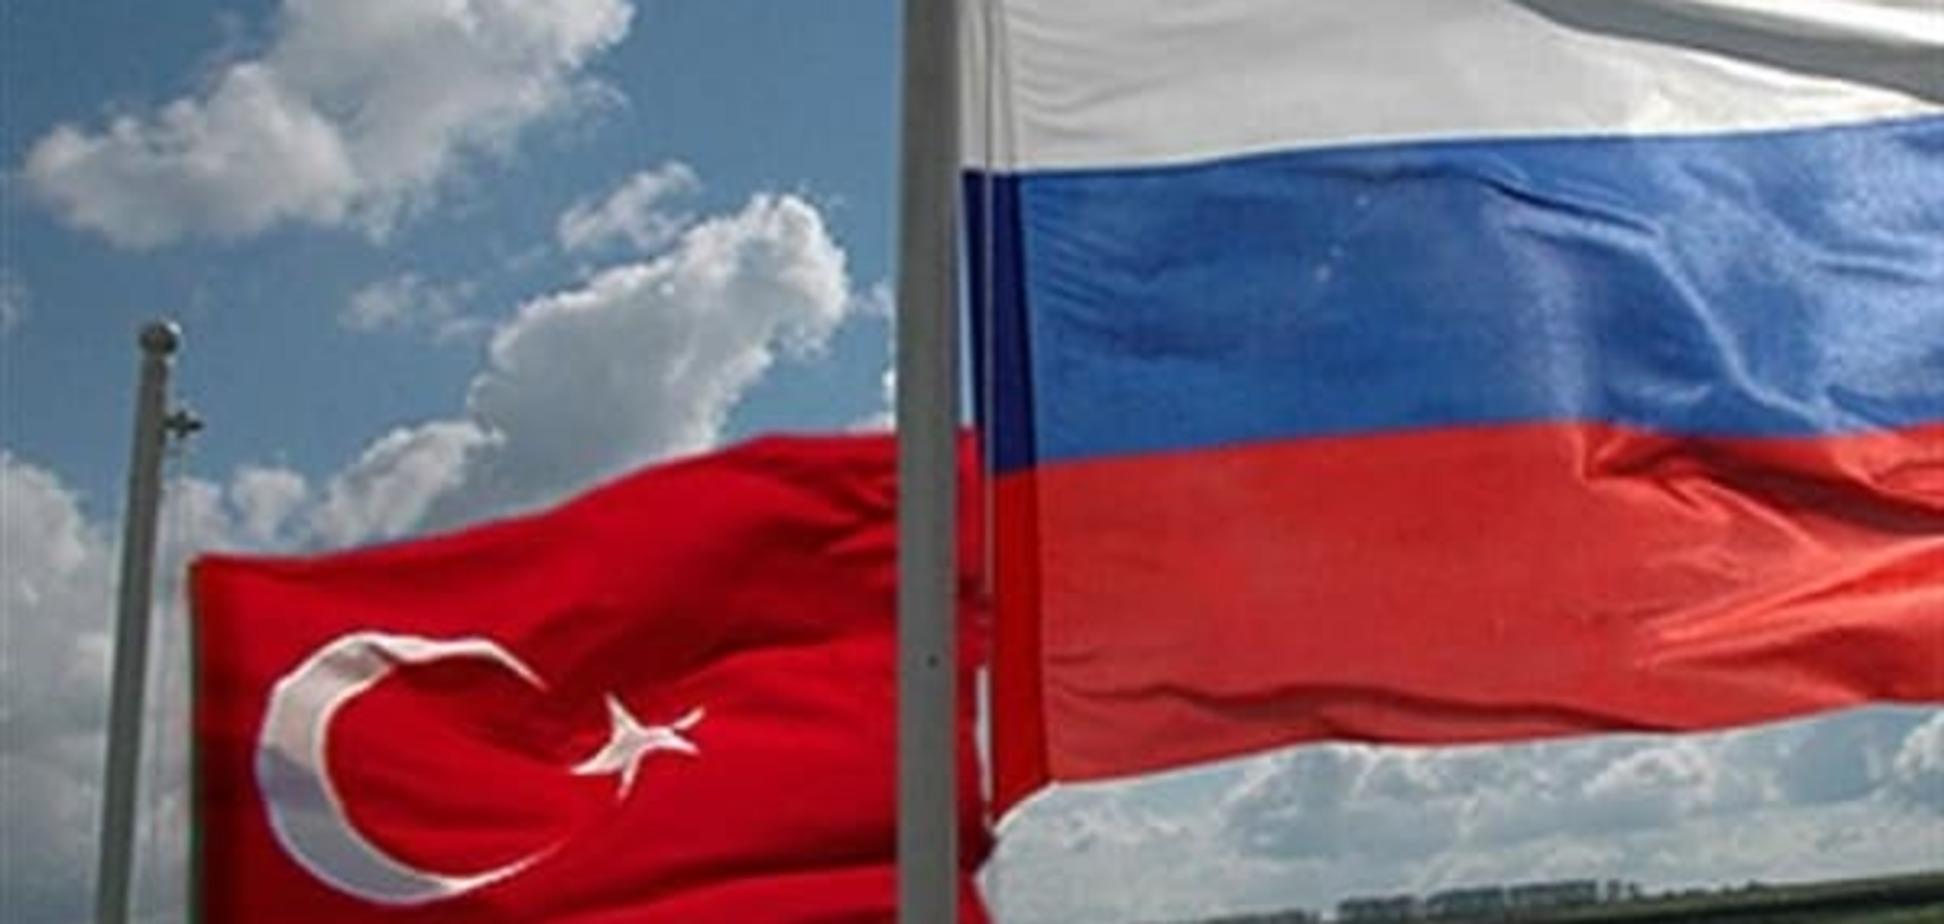 Нова хвиля: Росія вирішила терміново повернути з Туреччини всіх своїх студентів